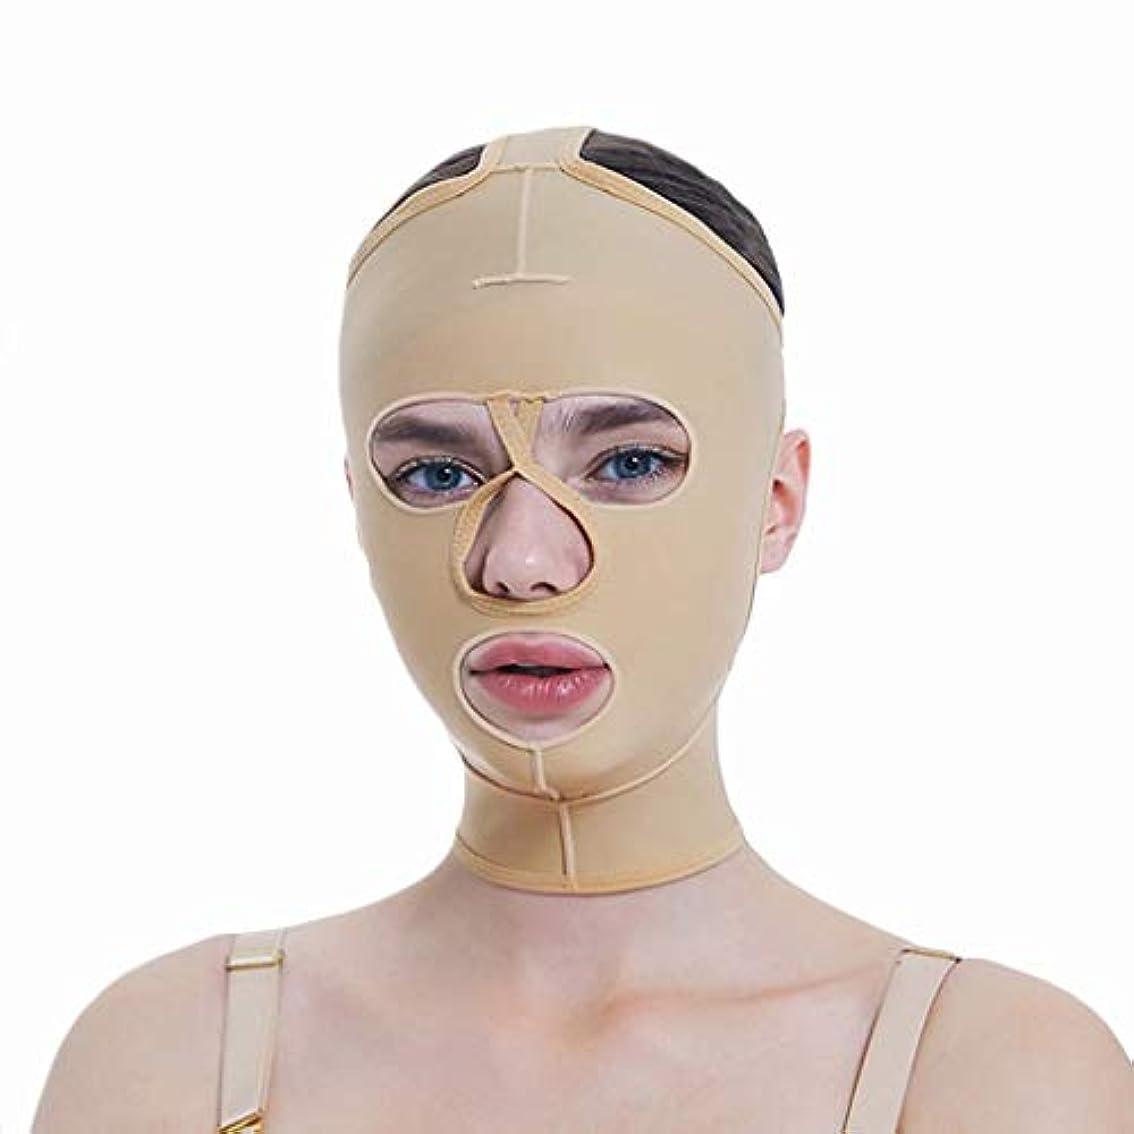 無限大平行送るフェイシャル減量マスク、フルカバレッジ包帯、フルフェイスリフティングマスク、フェイスマスク、快適で リフティングシェーピング(サイズ:S),ザ?